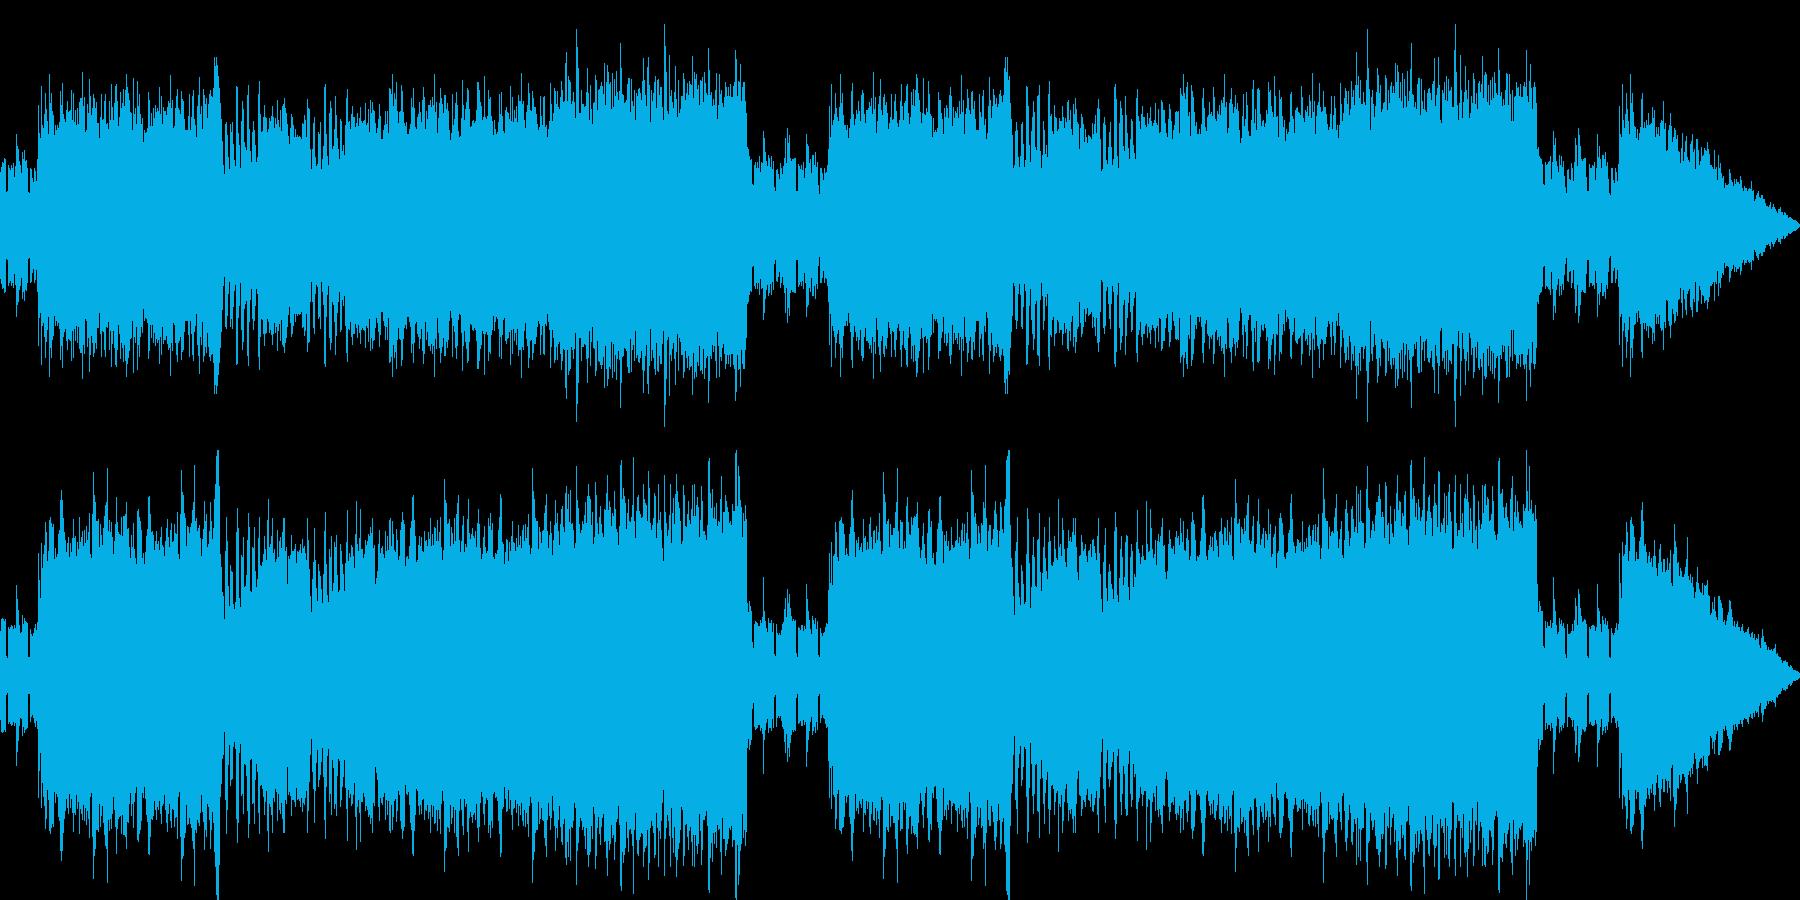 懐かしい雰囲気のバトルBGMの再生済みの波形